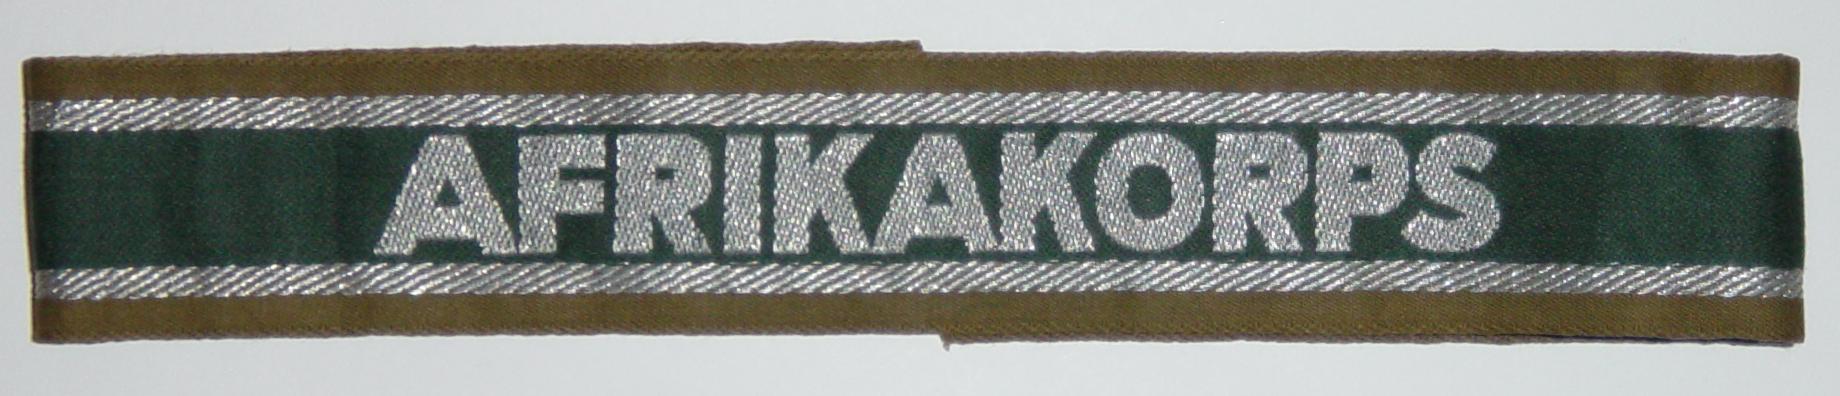 Image result for afrika korps